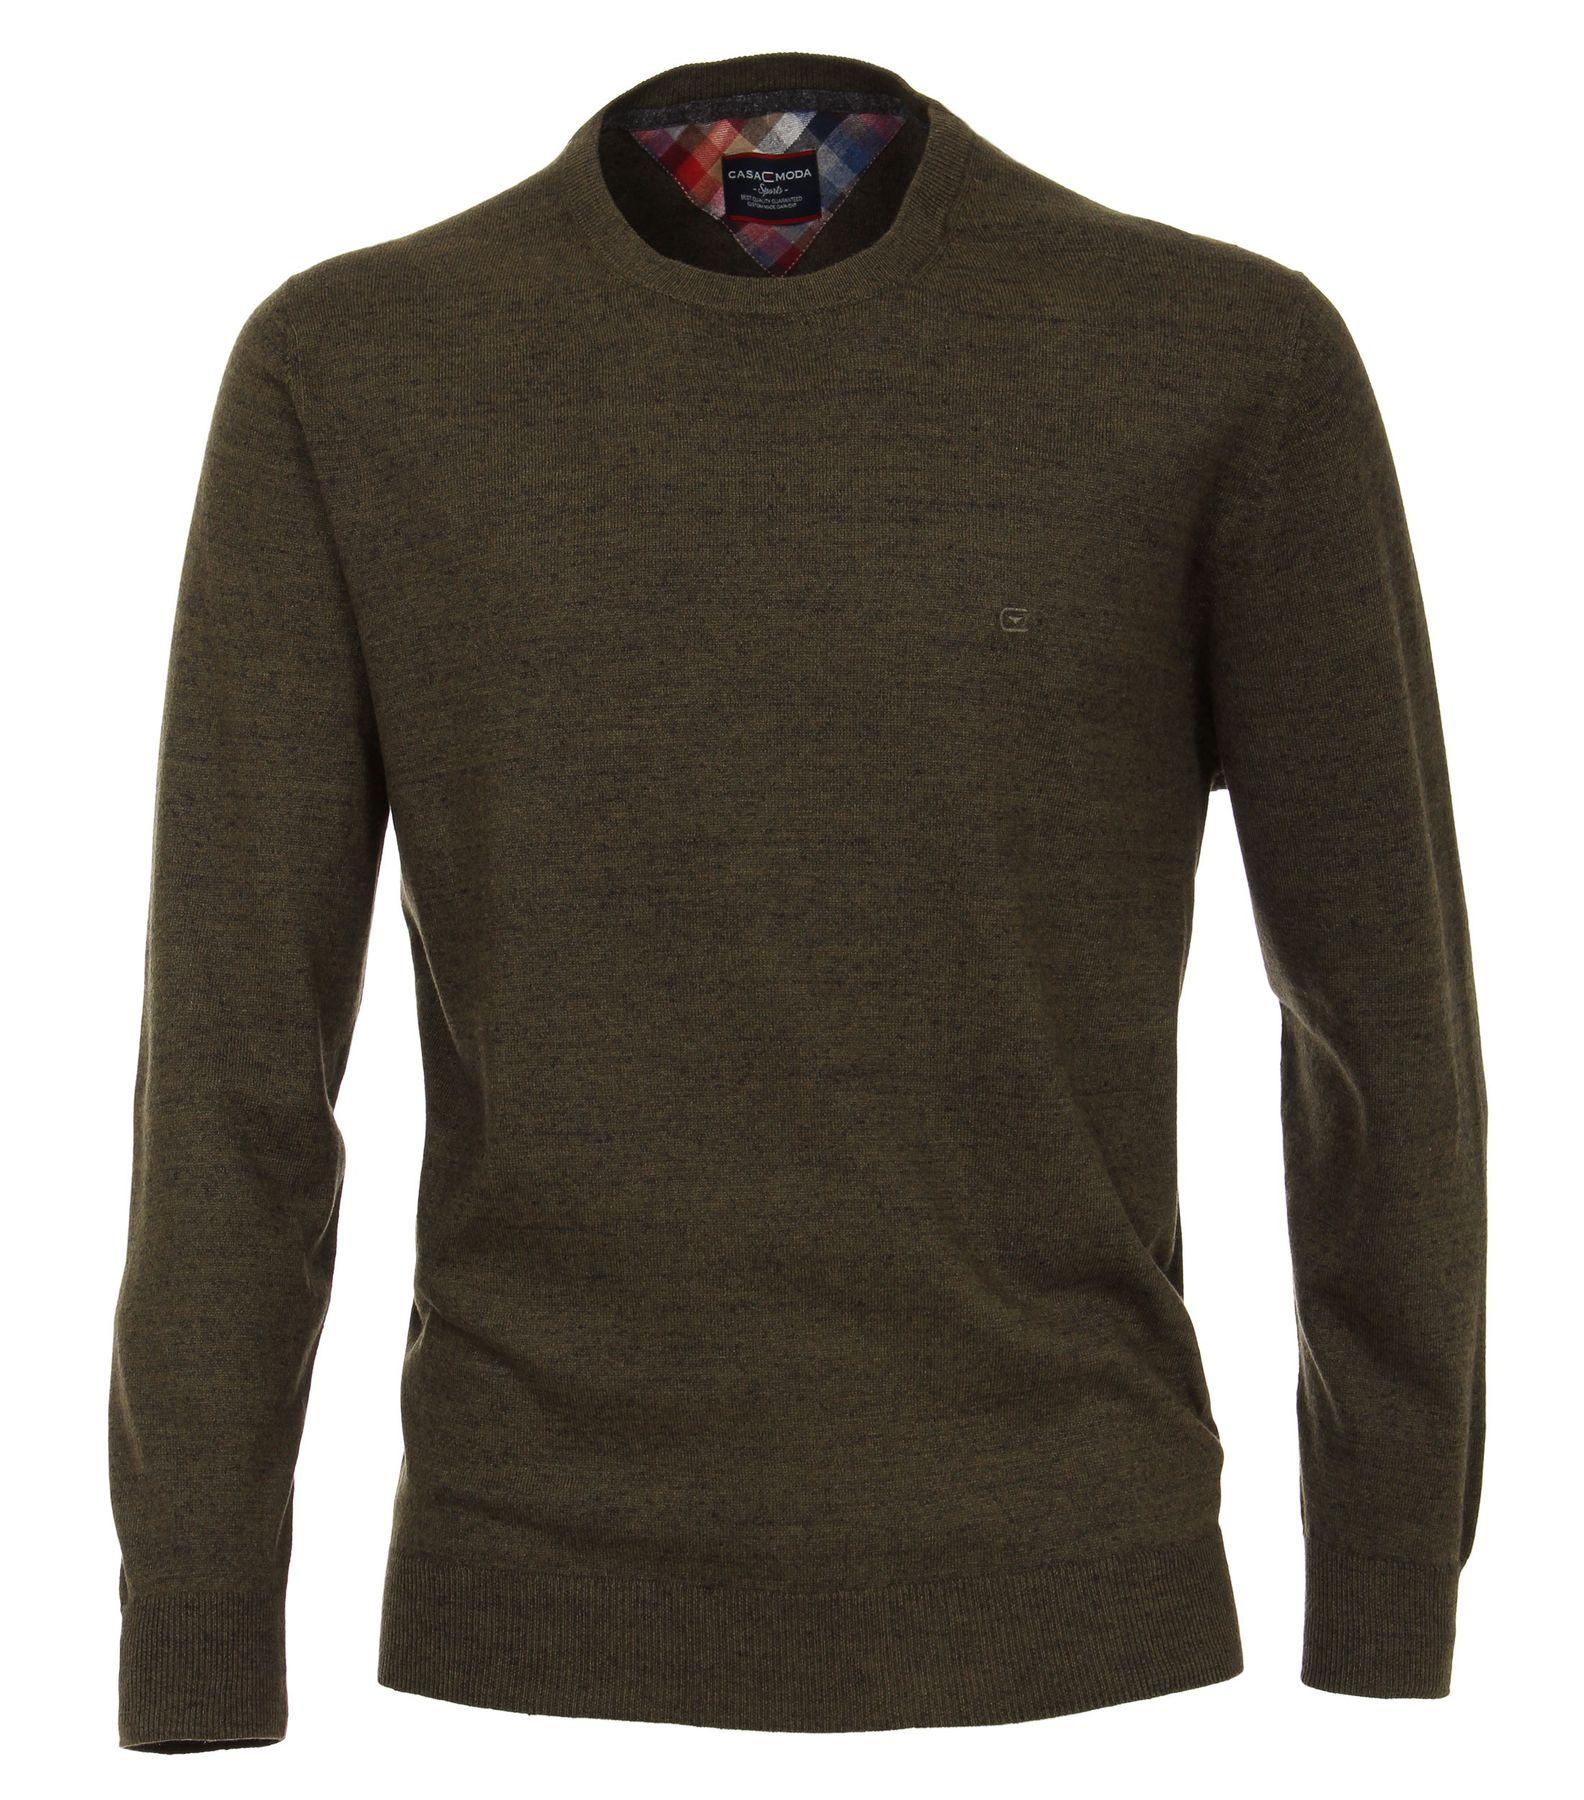 Casa Moda - Herren Pullover mit Rundhalsausschnitt unifarben in verschiedenen Farben  (472778100A) – Bild 7